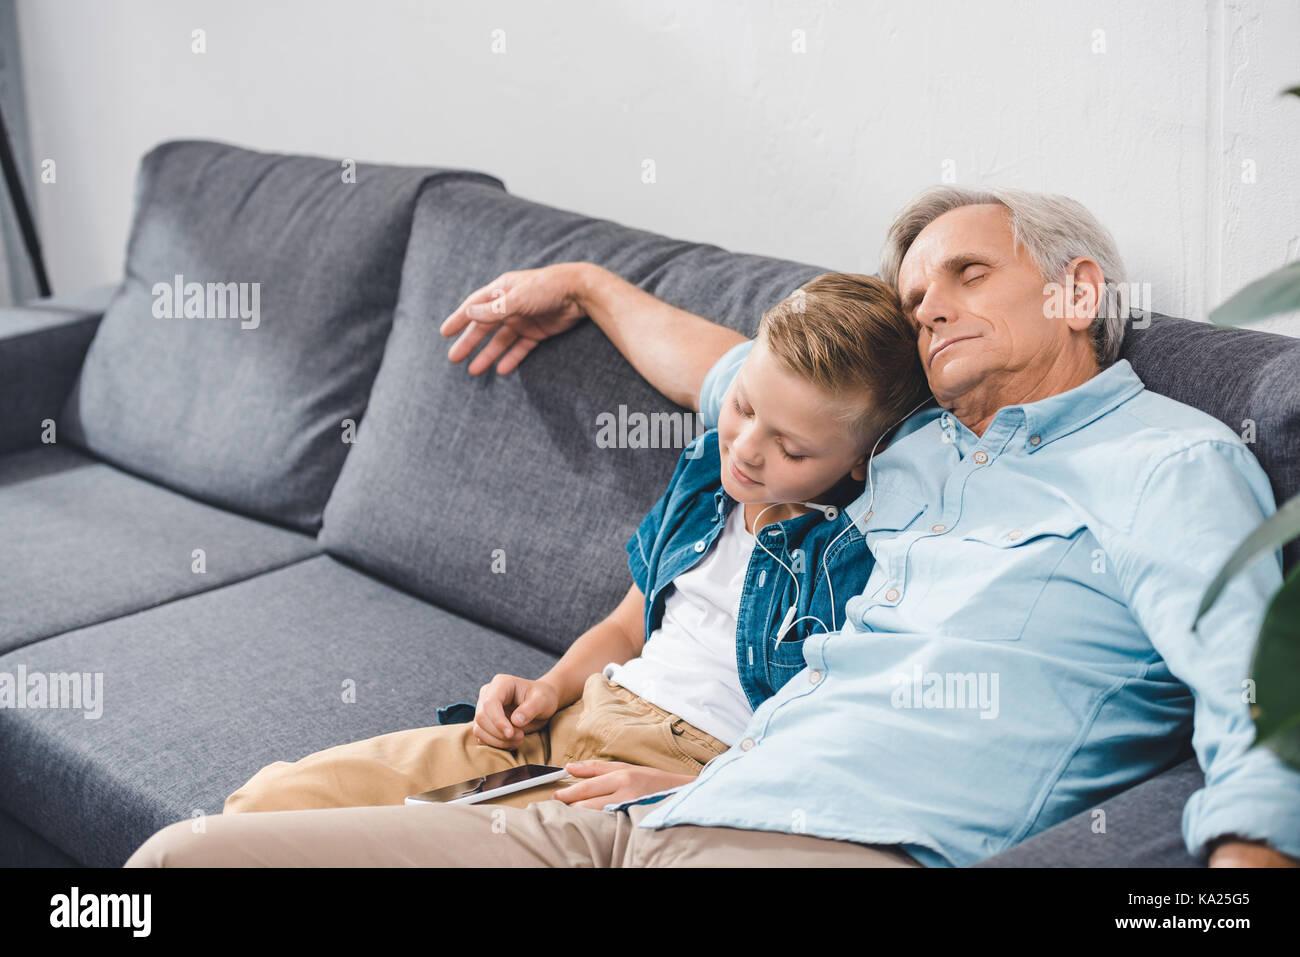 grandfather and grandson sleeping on sofa - Stock Image